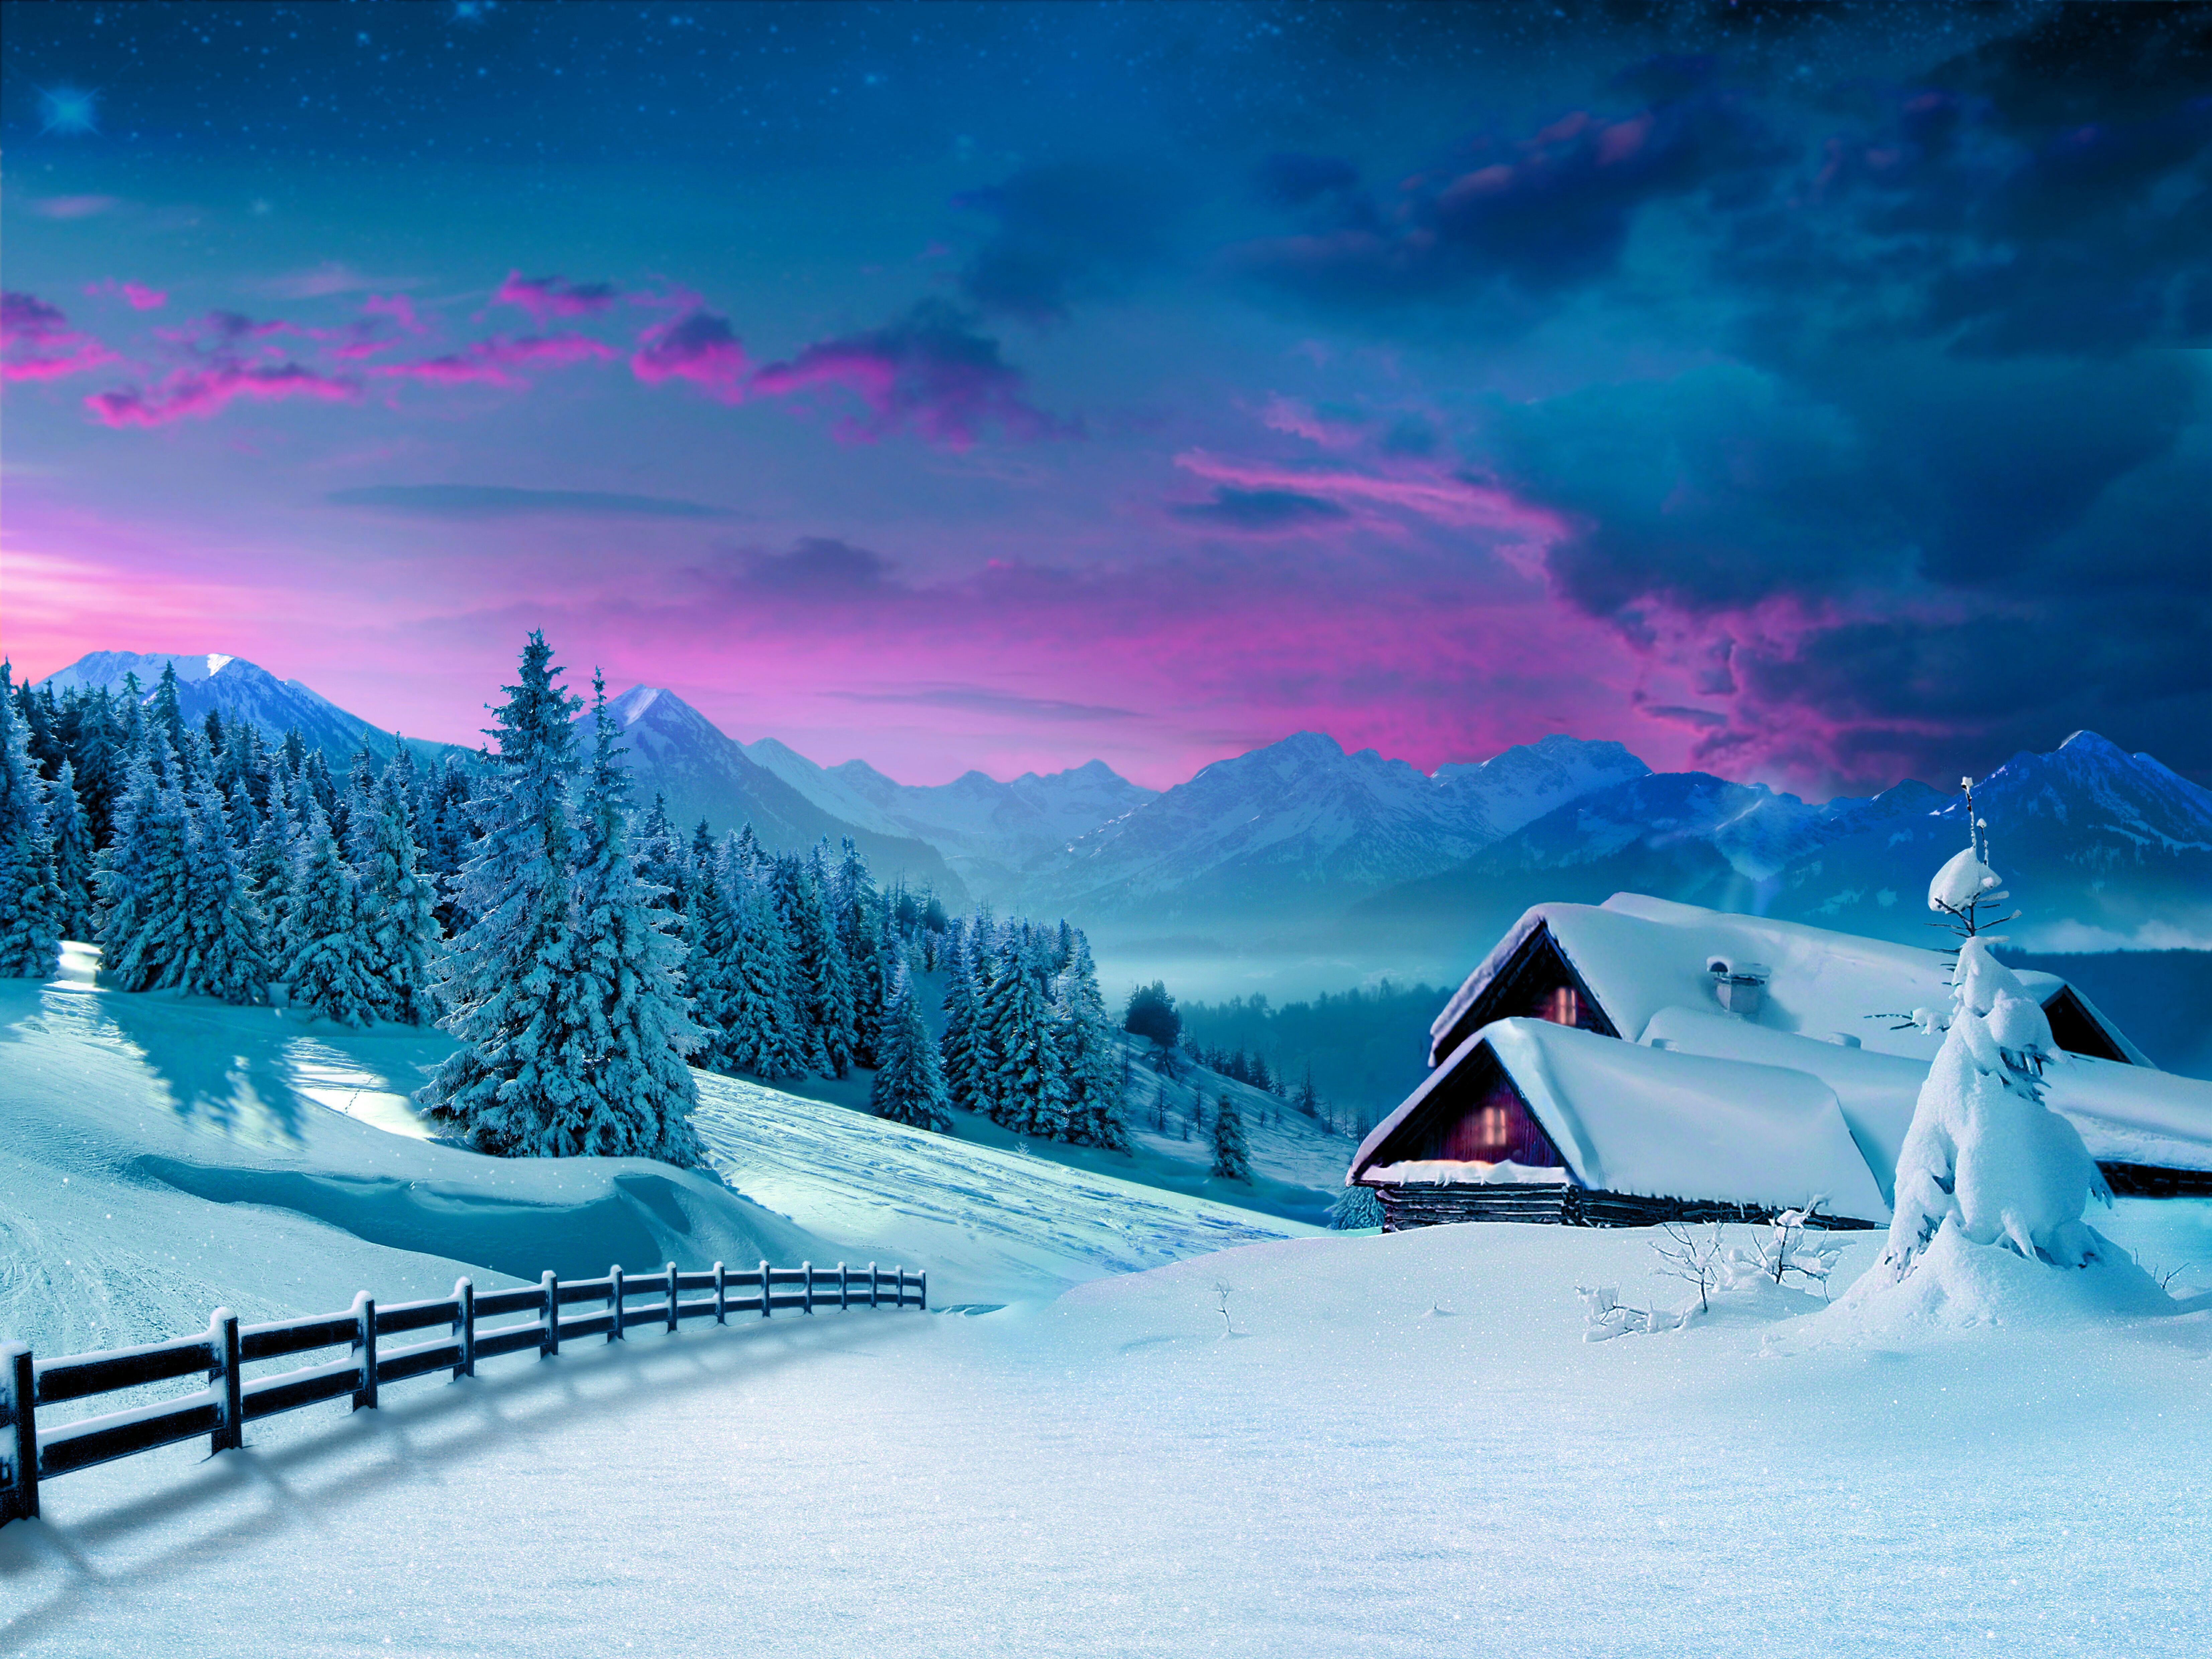 Короне картинки, картинки на рабочий стол на весь экран зима самые красивые обои